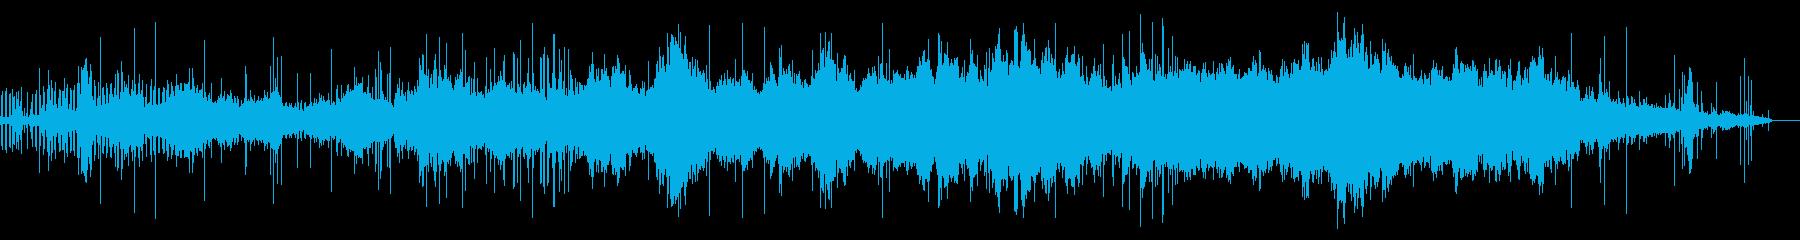 ヨガ、もしくは瞑想のための音楽の再生済みの波形